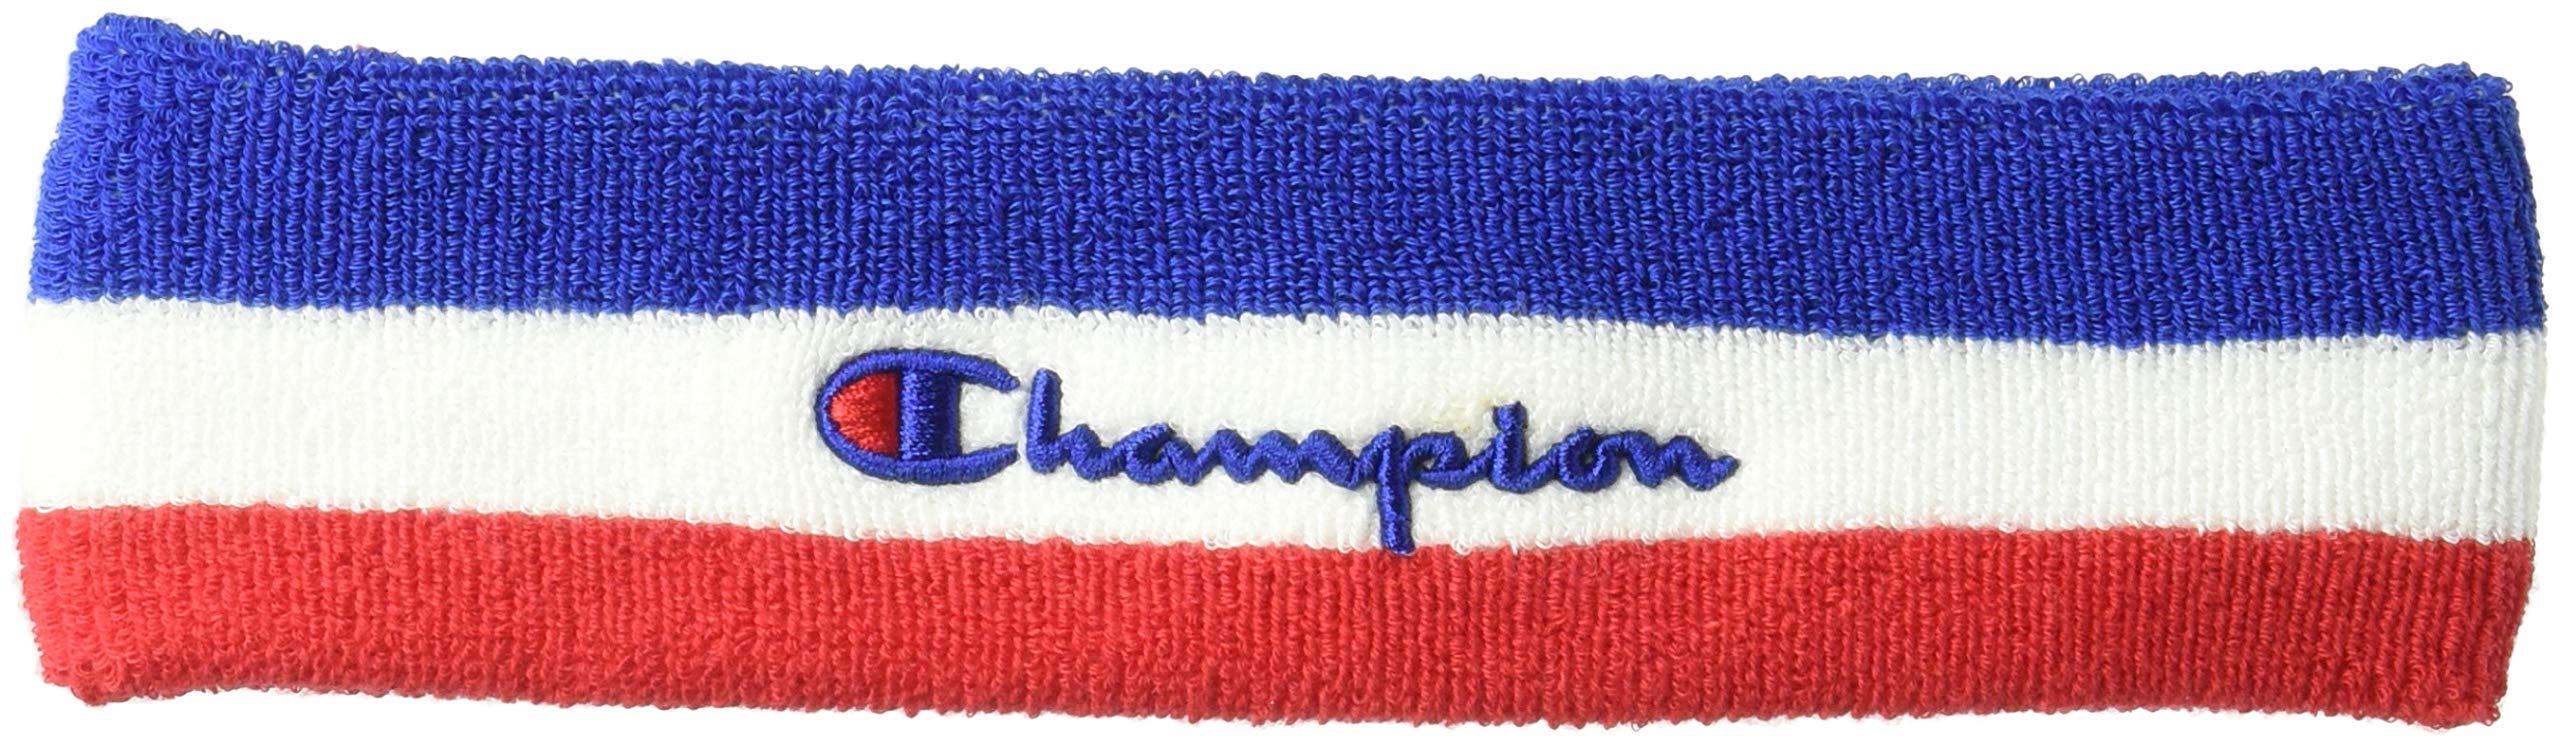 Champion LIFE Womens Terry Headband